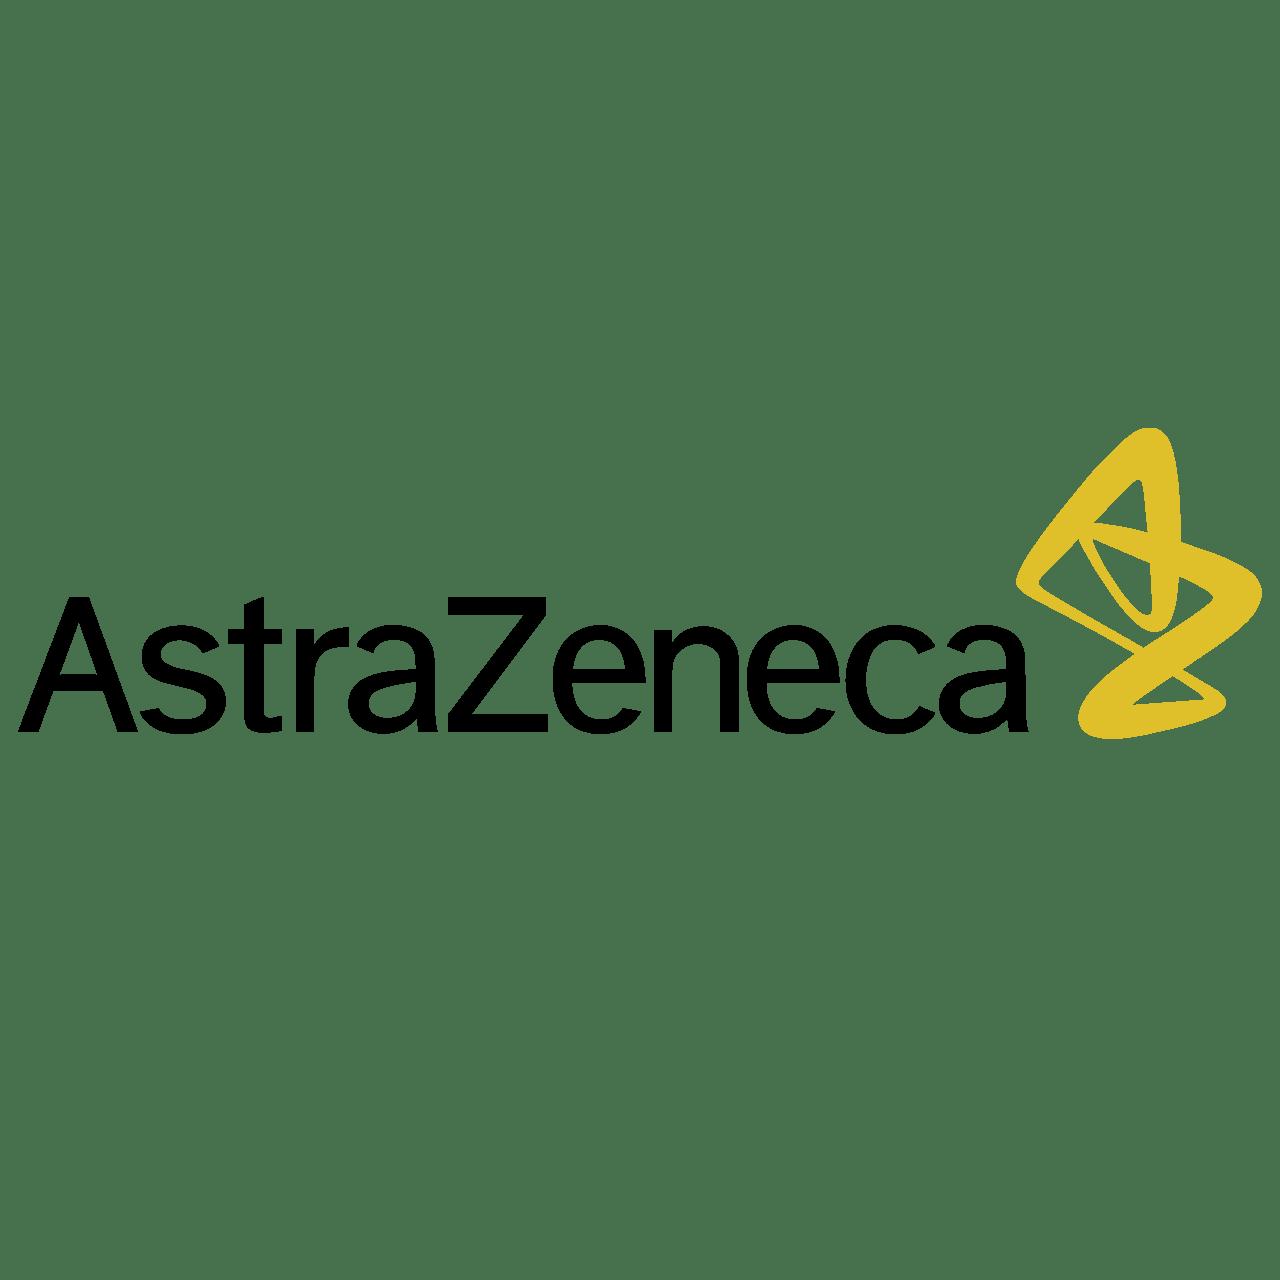 astrazeneca logo png transparent